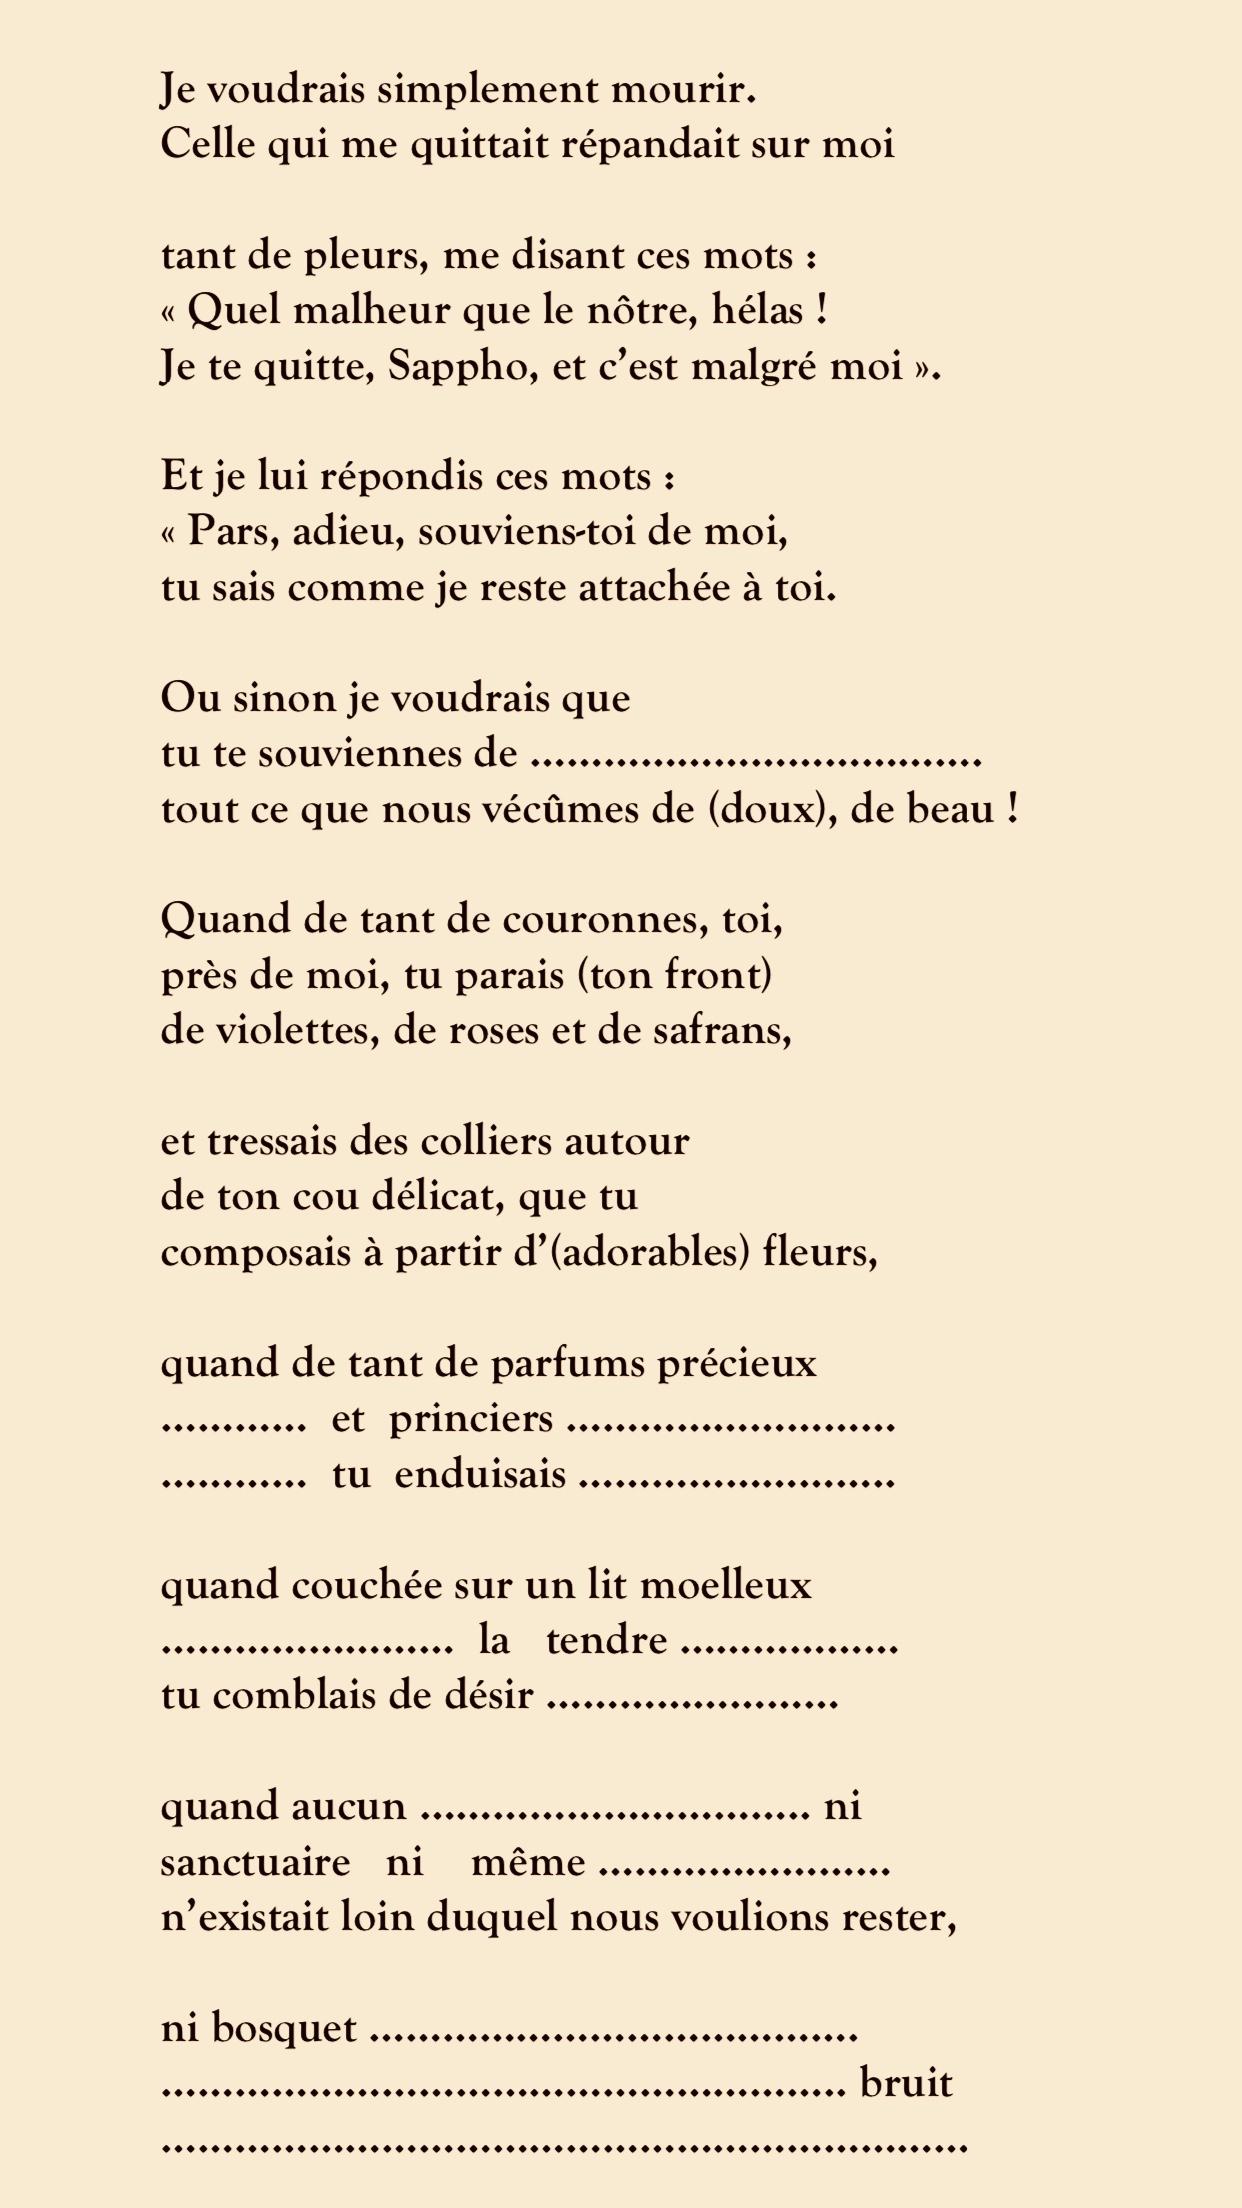 Sappho: La Dixième Muse Selon Platon – Des Avenues Et Des Fleurs tout Poeme Les Fleurs